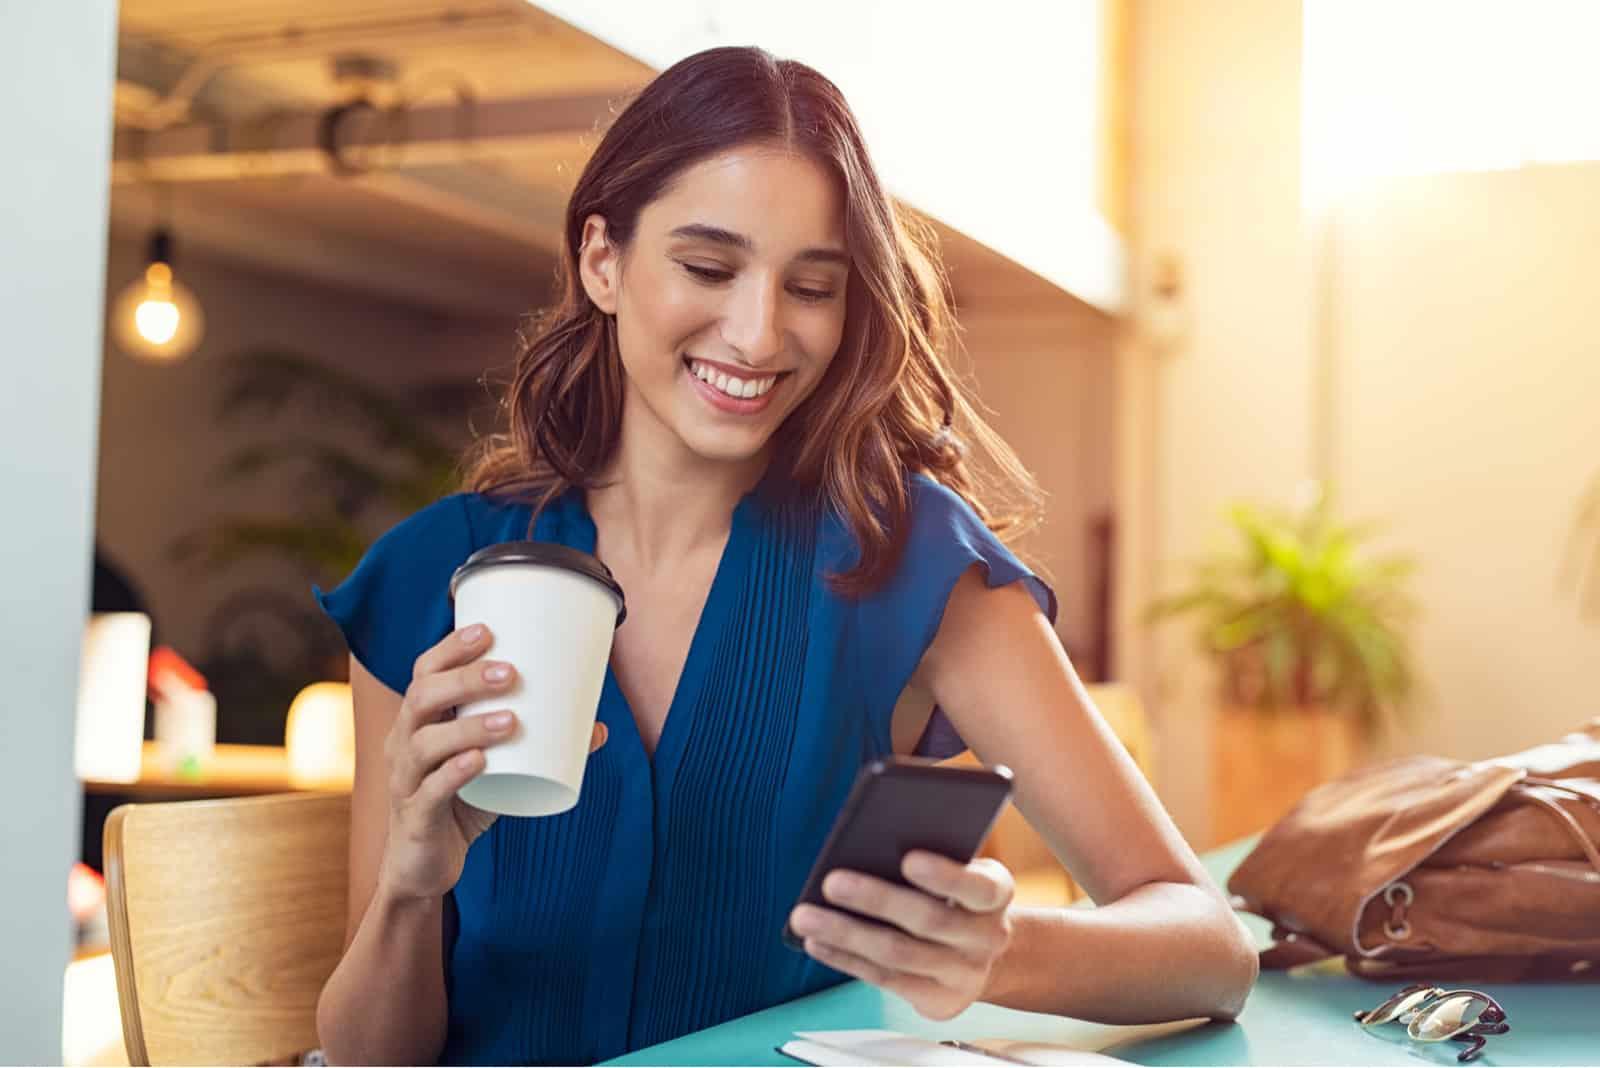 une femme souriante est assise à une table et tient un téléphone à la main